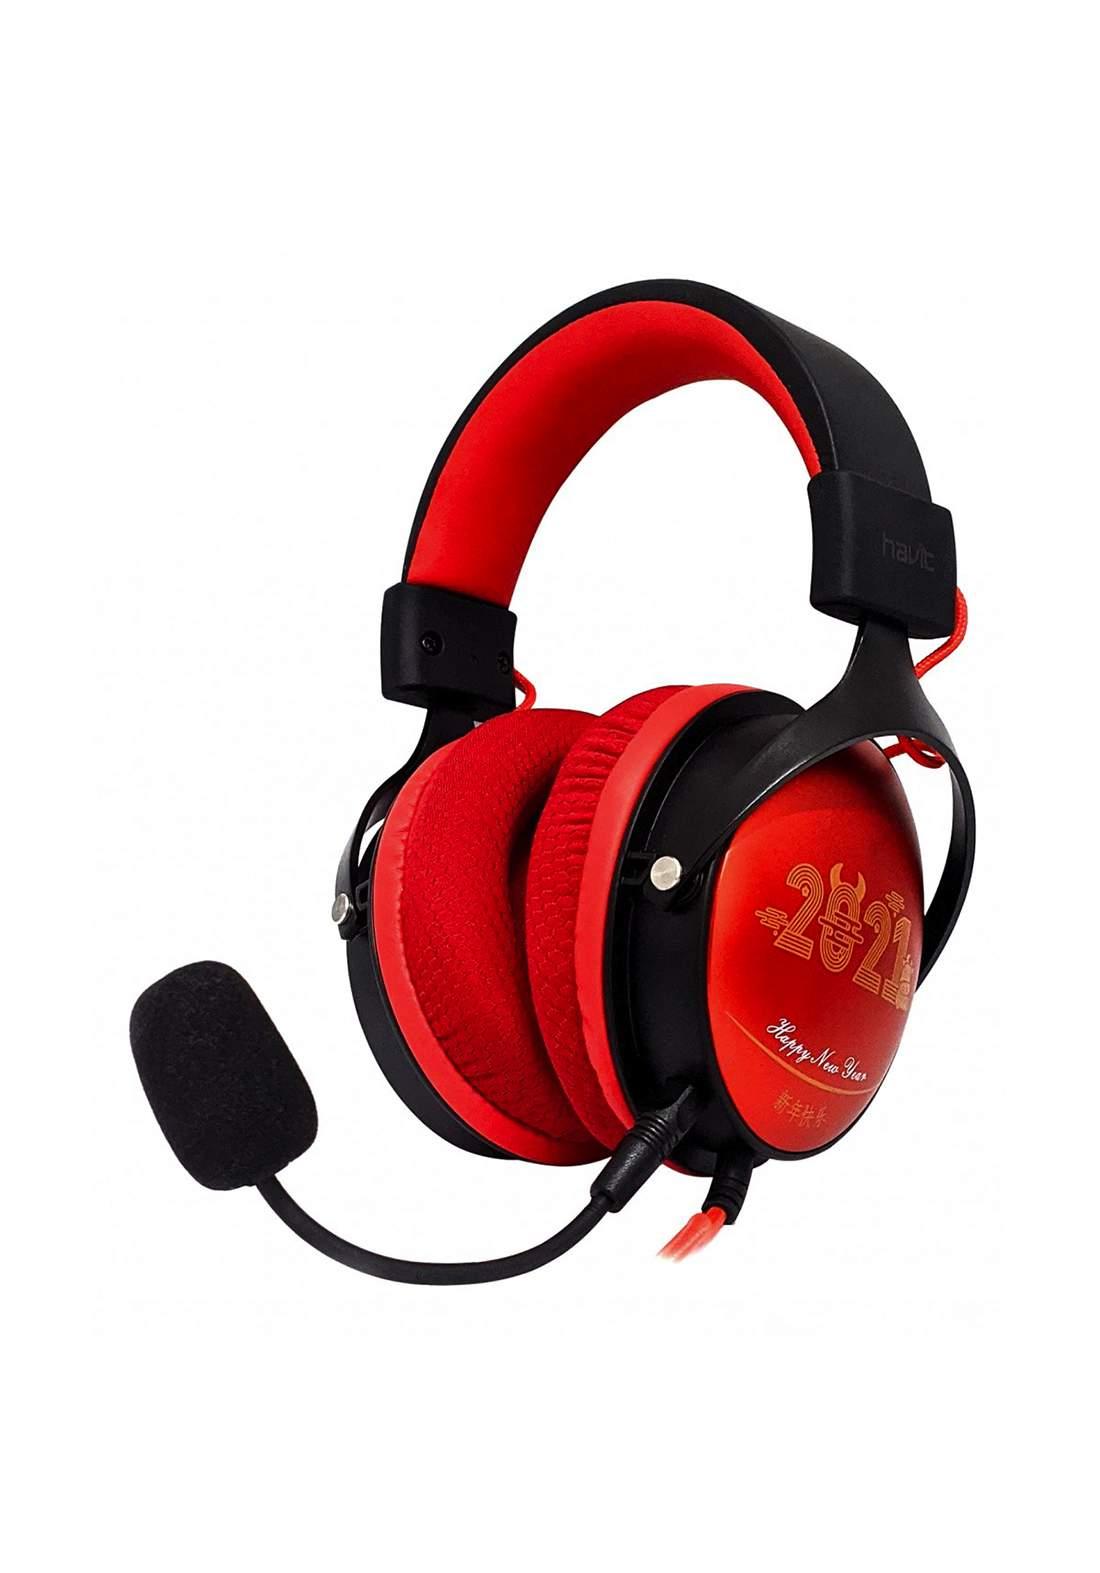 Havit H2010D Gaming Headset - Red سماعة